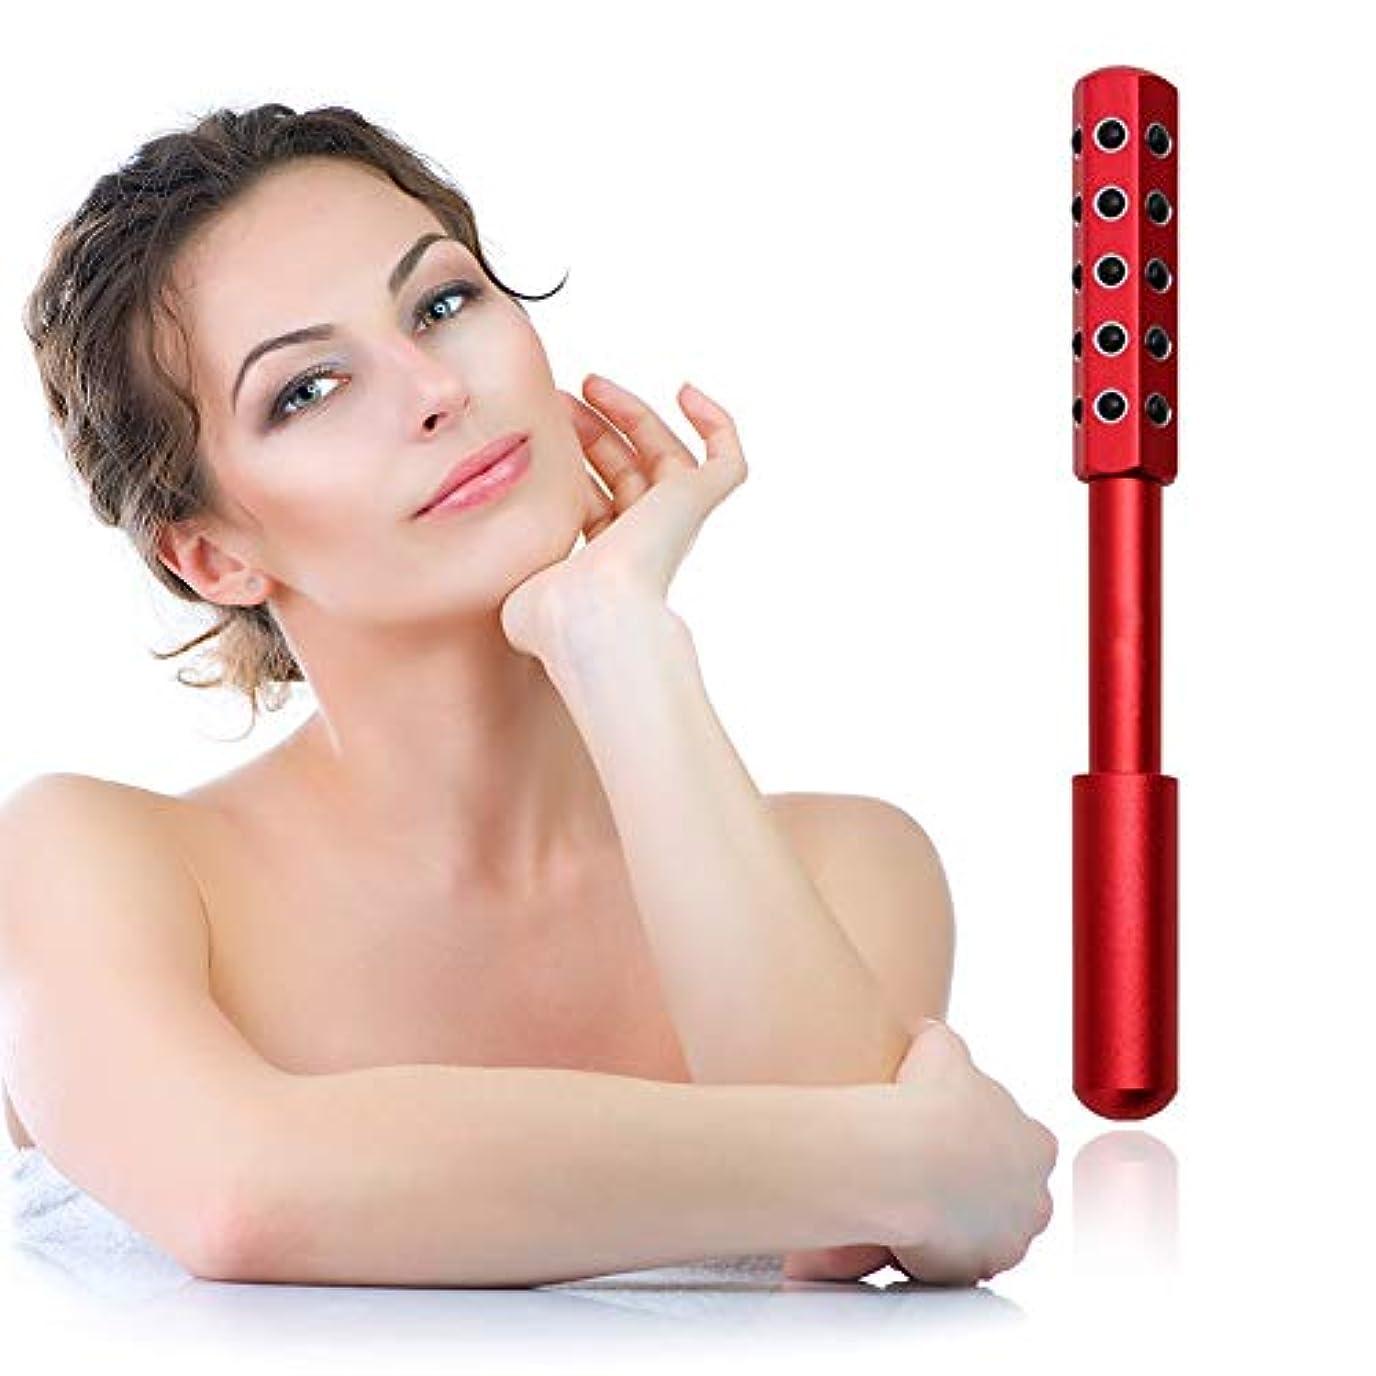 リズム喜んでオピエート顔と体のためのゲルマニウムマッサージ美容ローラーは、血液の循環を促進し、皮膚の引き締め、毒素、皮膚の抗しわをクリア